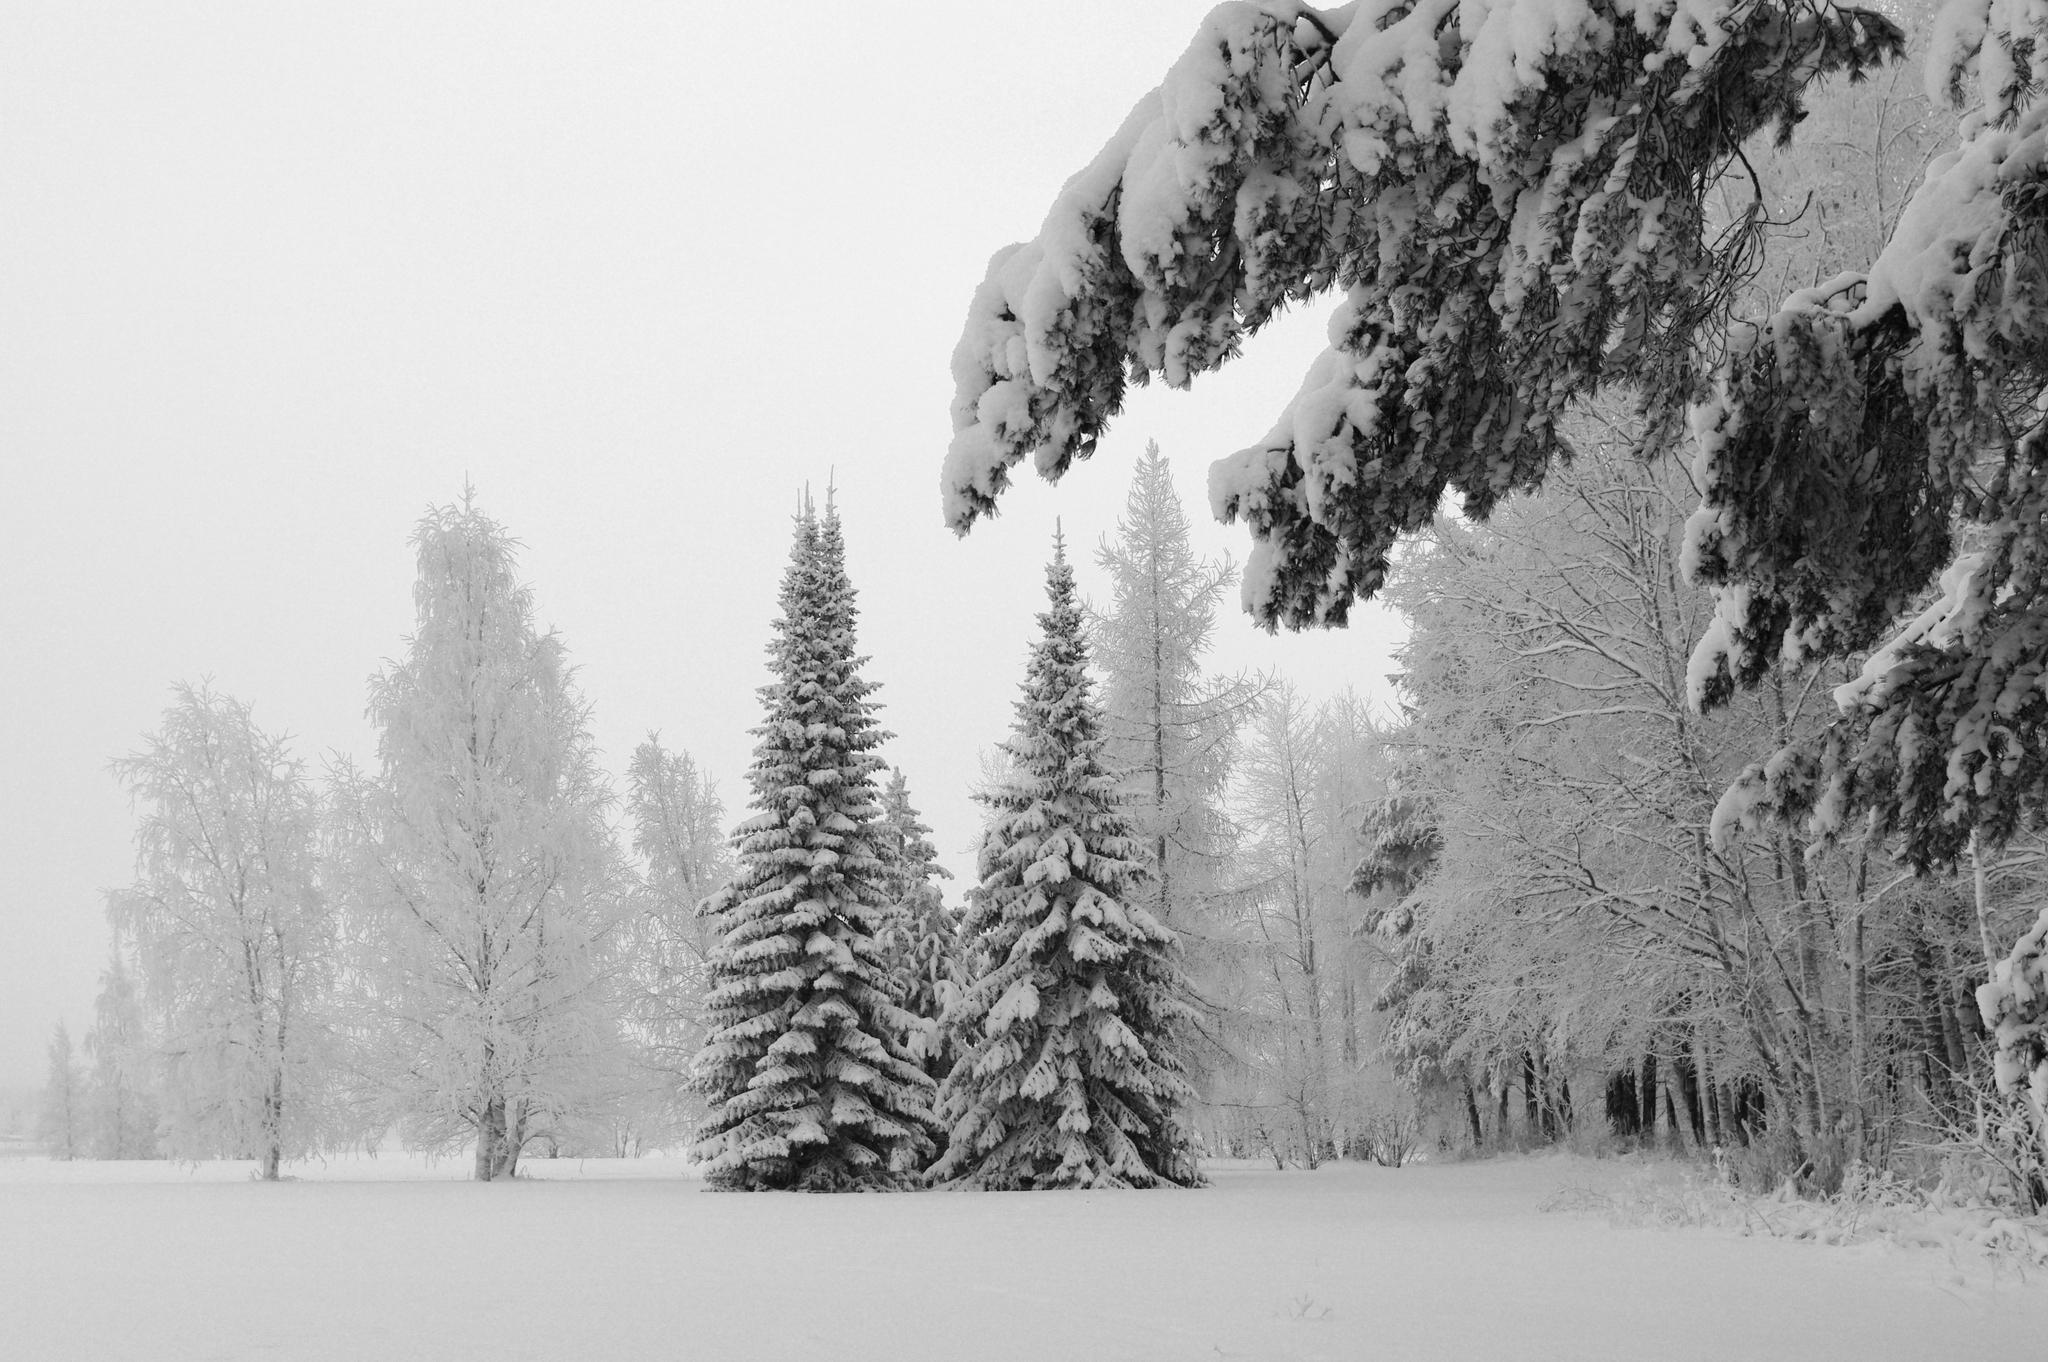 снег ветви лес snow branches forest  № 442877 загрузить